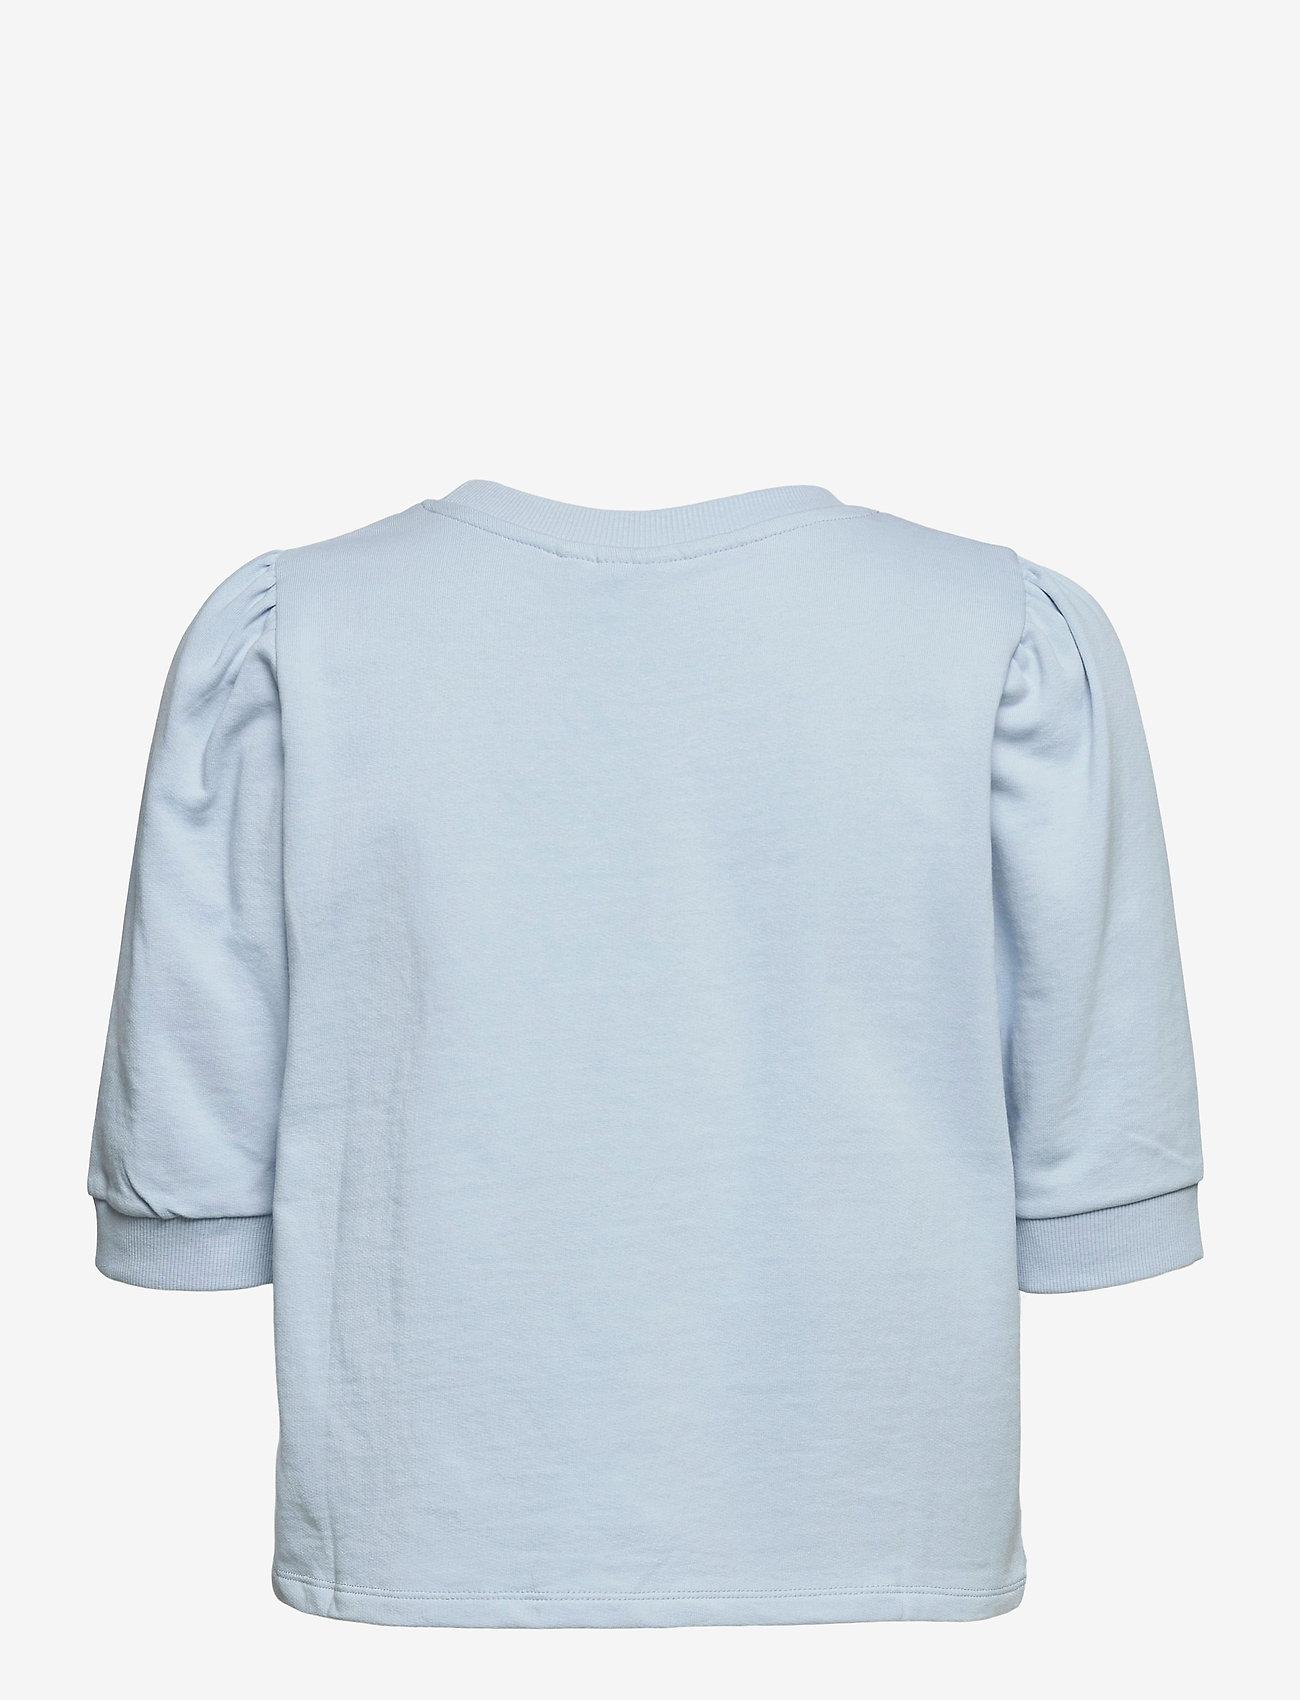 ICHI - IHYARLET SW - sweatshirts - cashmere blue - 1